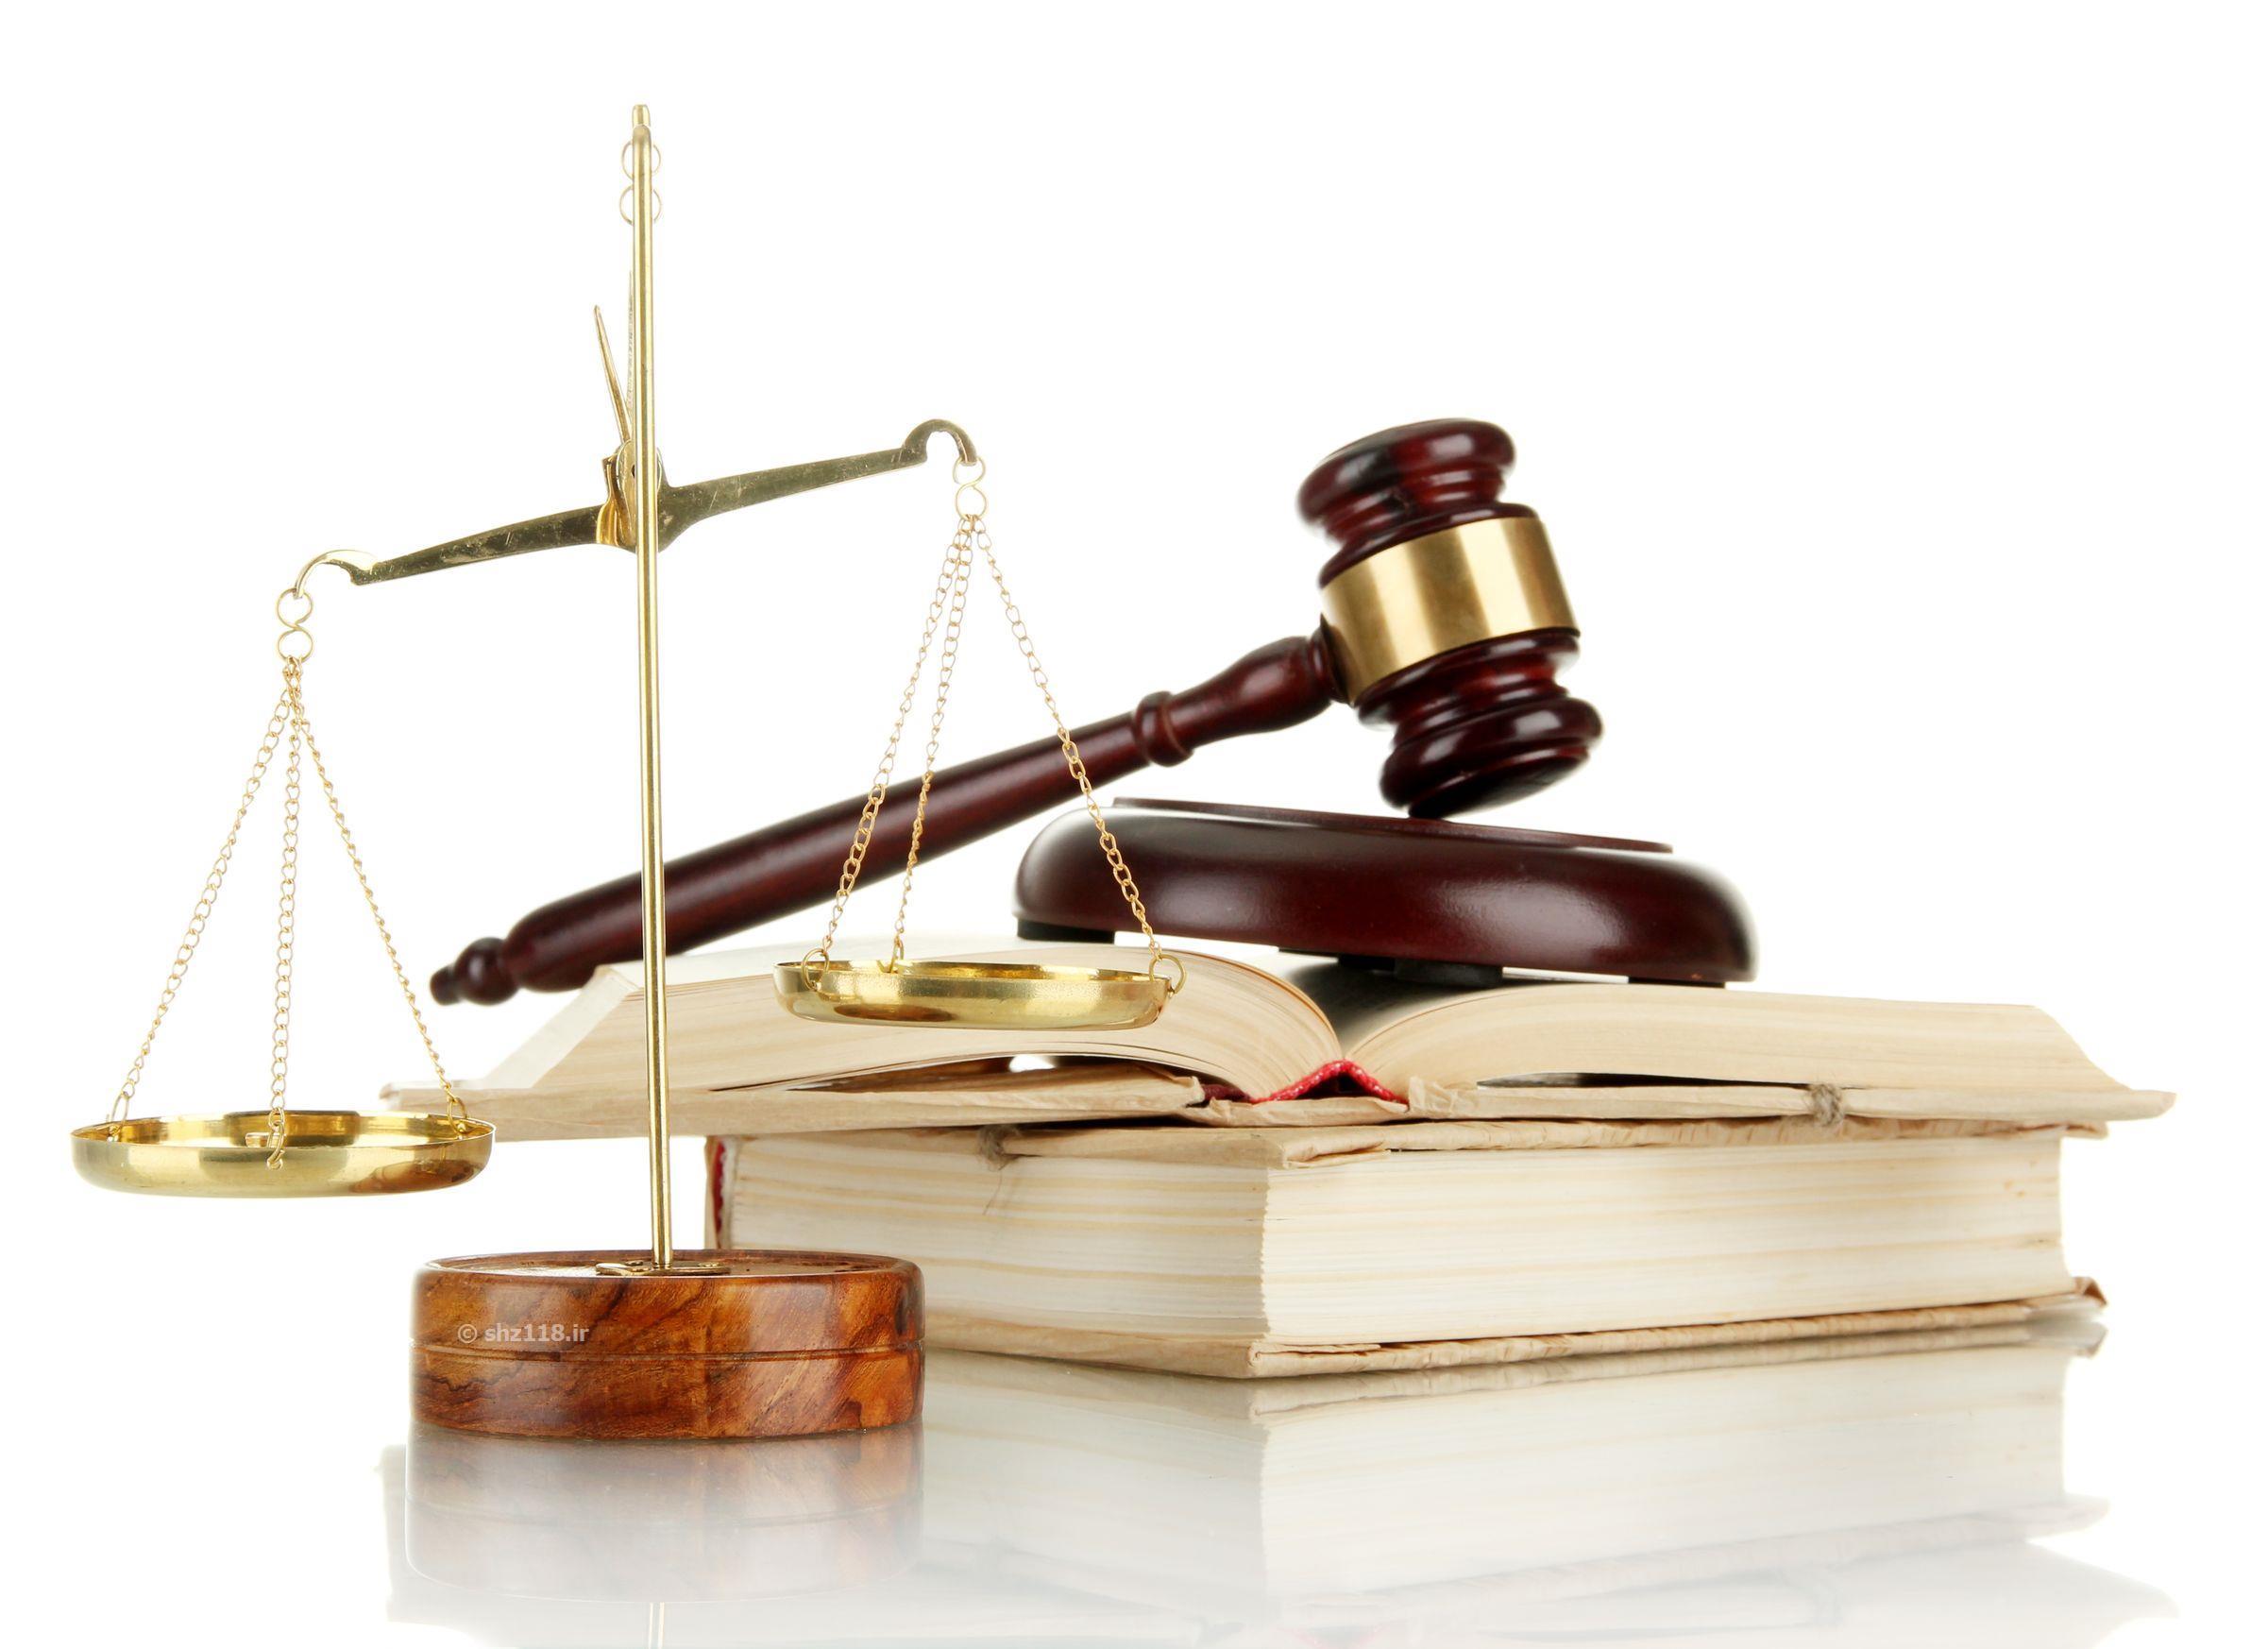 مراجعی که به اعتراضات و یا آراء قابل پژوهش رسیدگی می کند در کدام قسمت دادگاهی قرار دارند؟